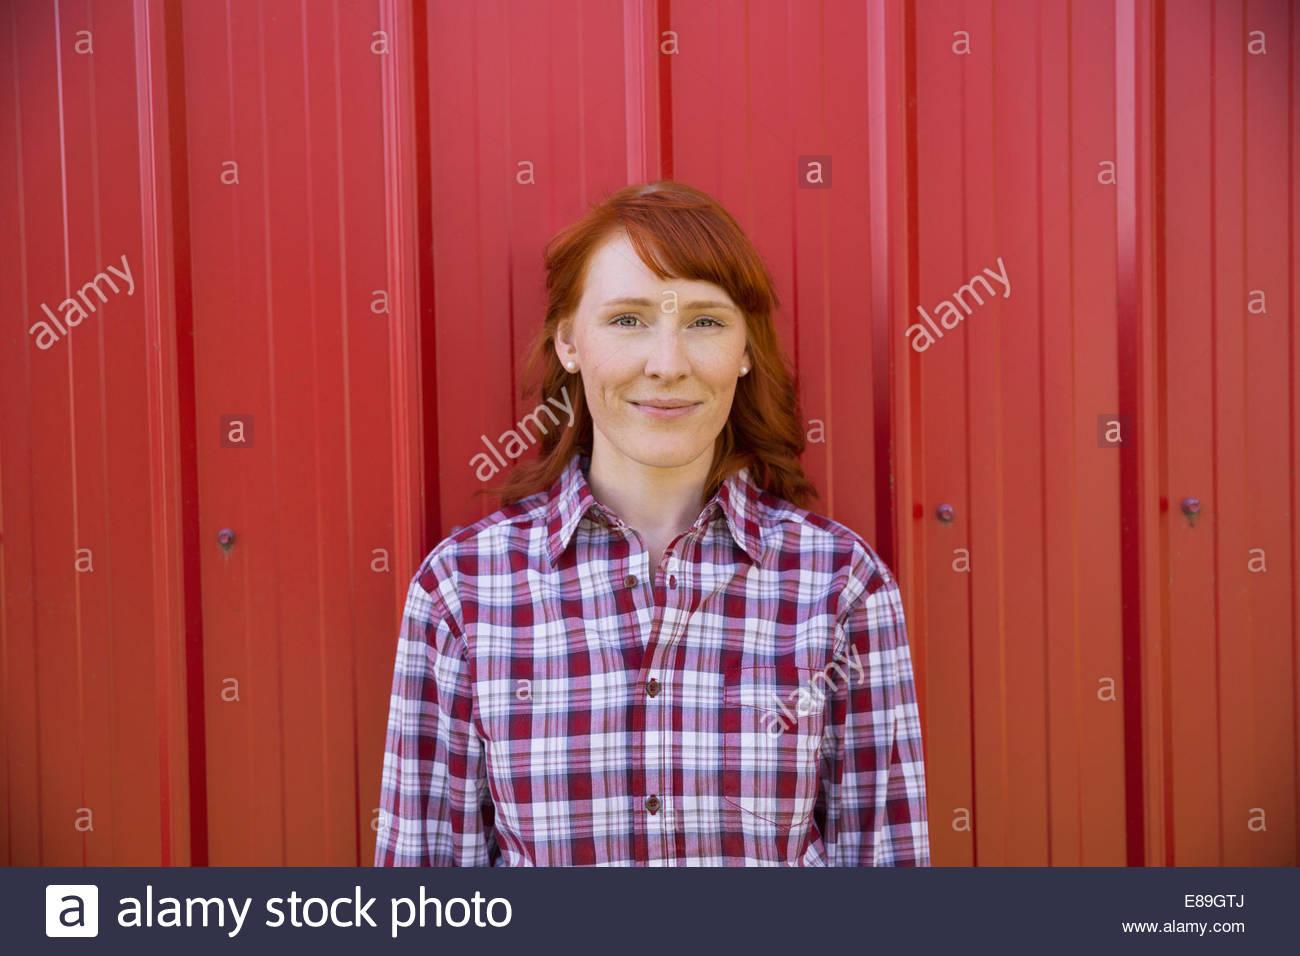 Ritratto di donna sorridente contro la parete rossa Immagini Stock